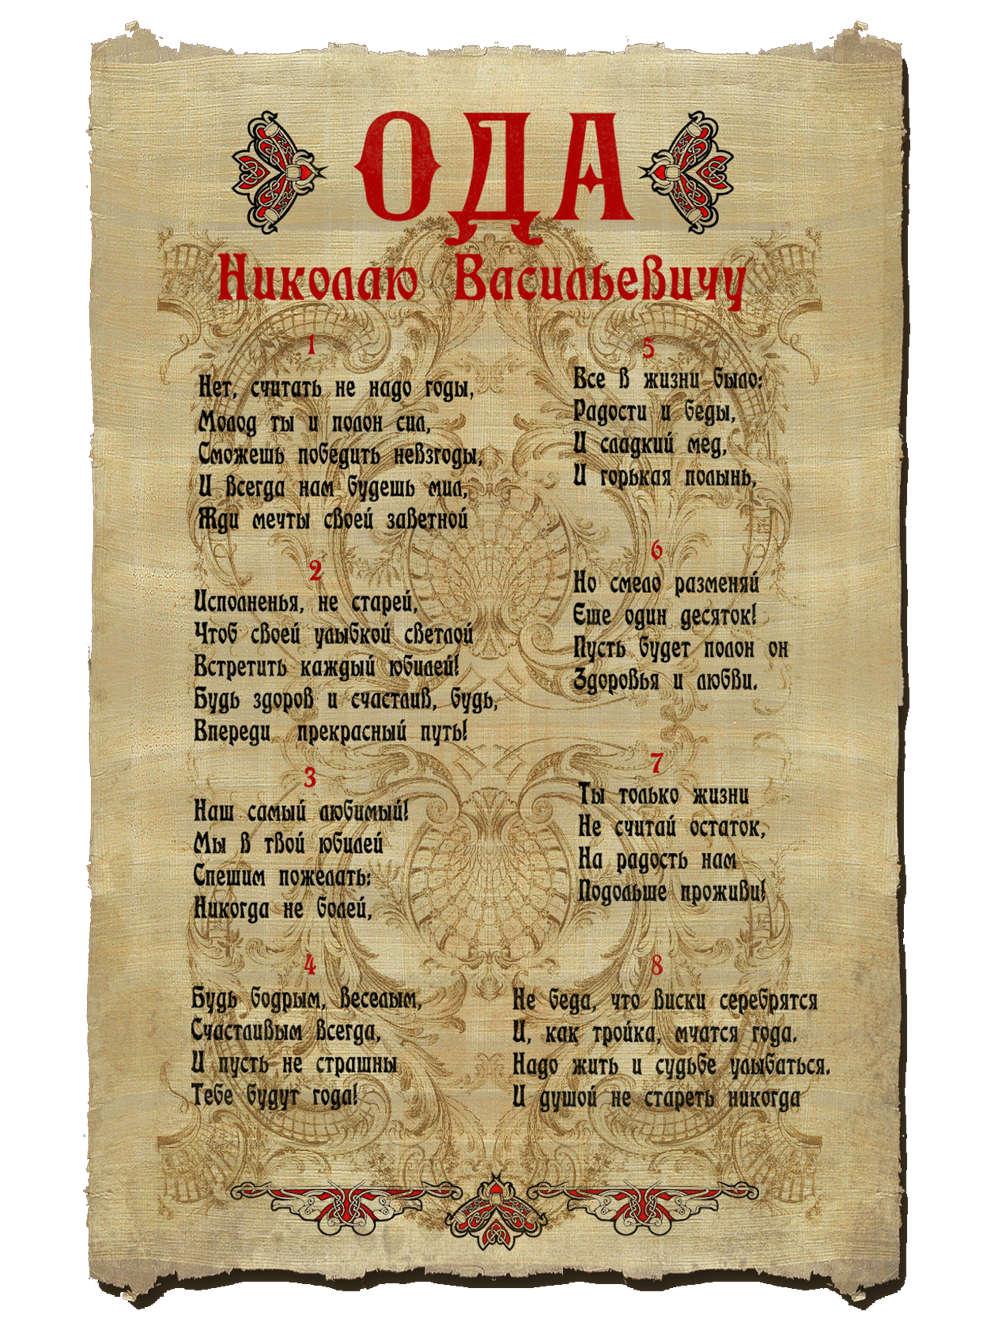 Поздравления с юбилеем в старорусском стиле 42